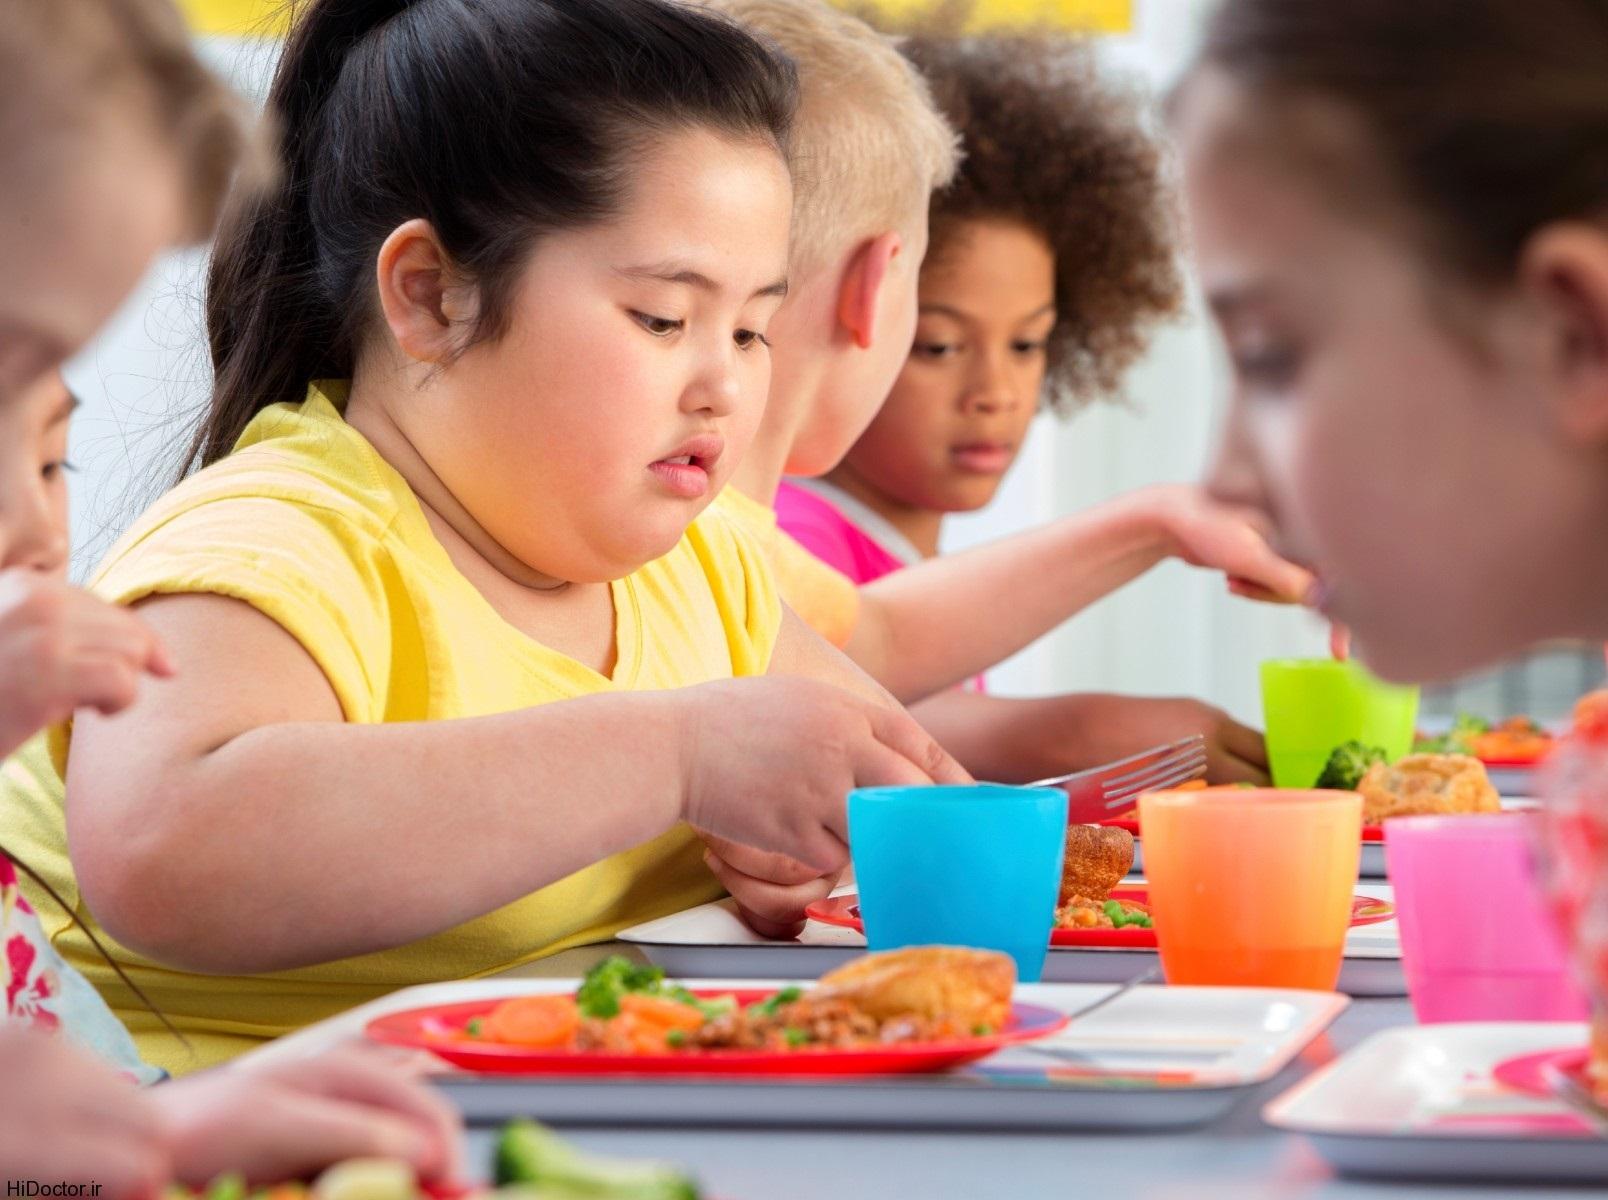 چگونه در مورد چاقی با کودک صحبت کنیم؟